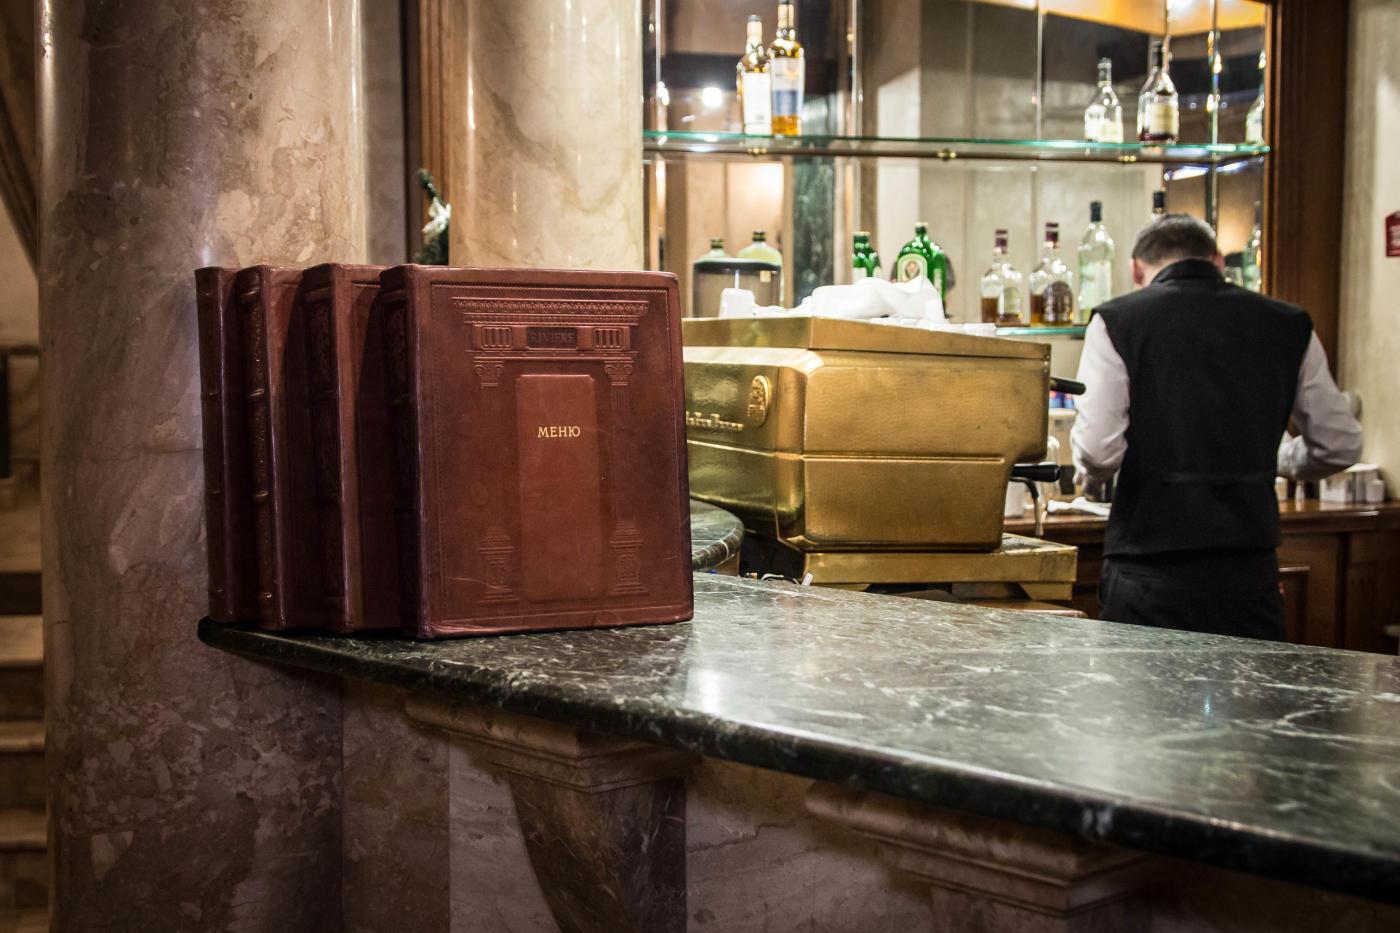 Ресторан Ривьера (Riviere) фото 44